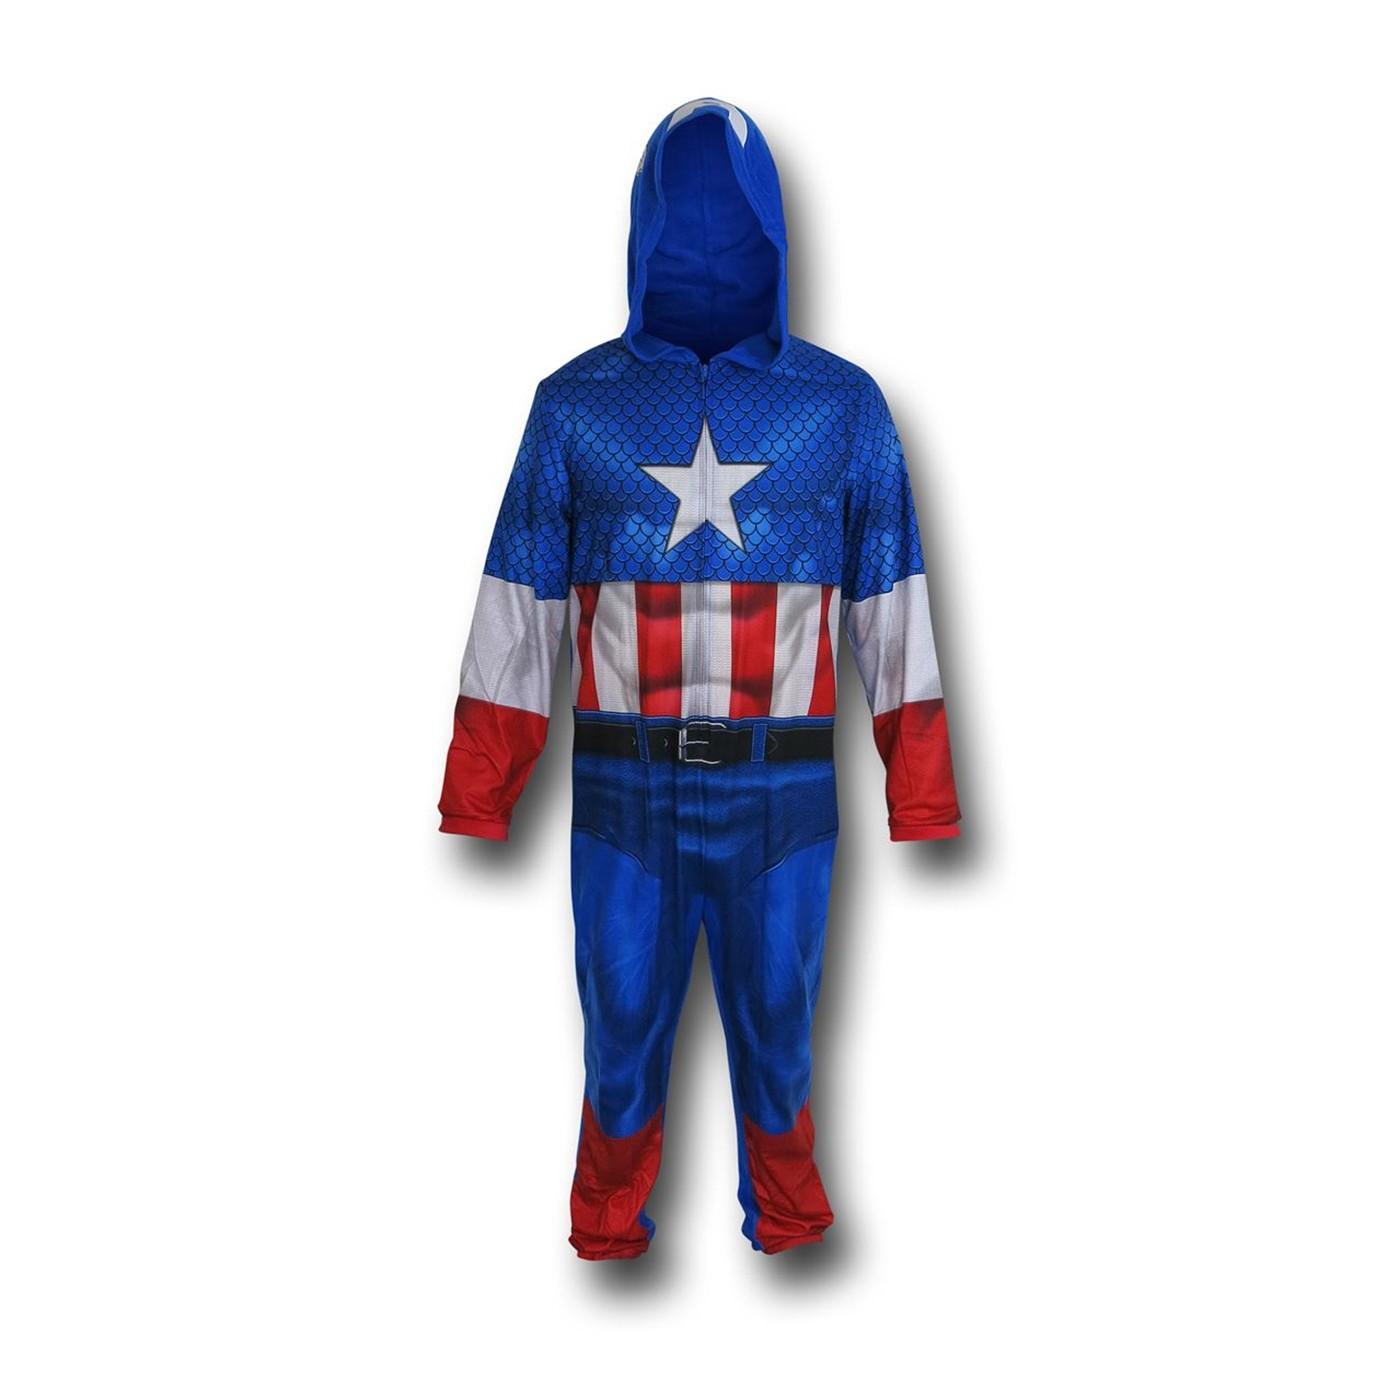 Captain America Sublimated Union Suit